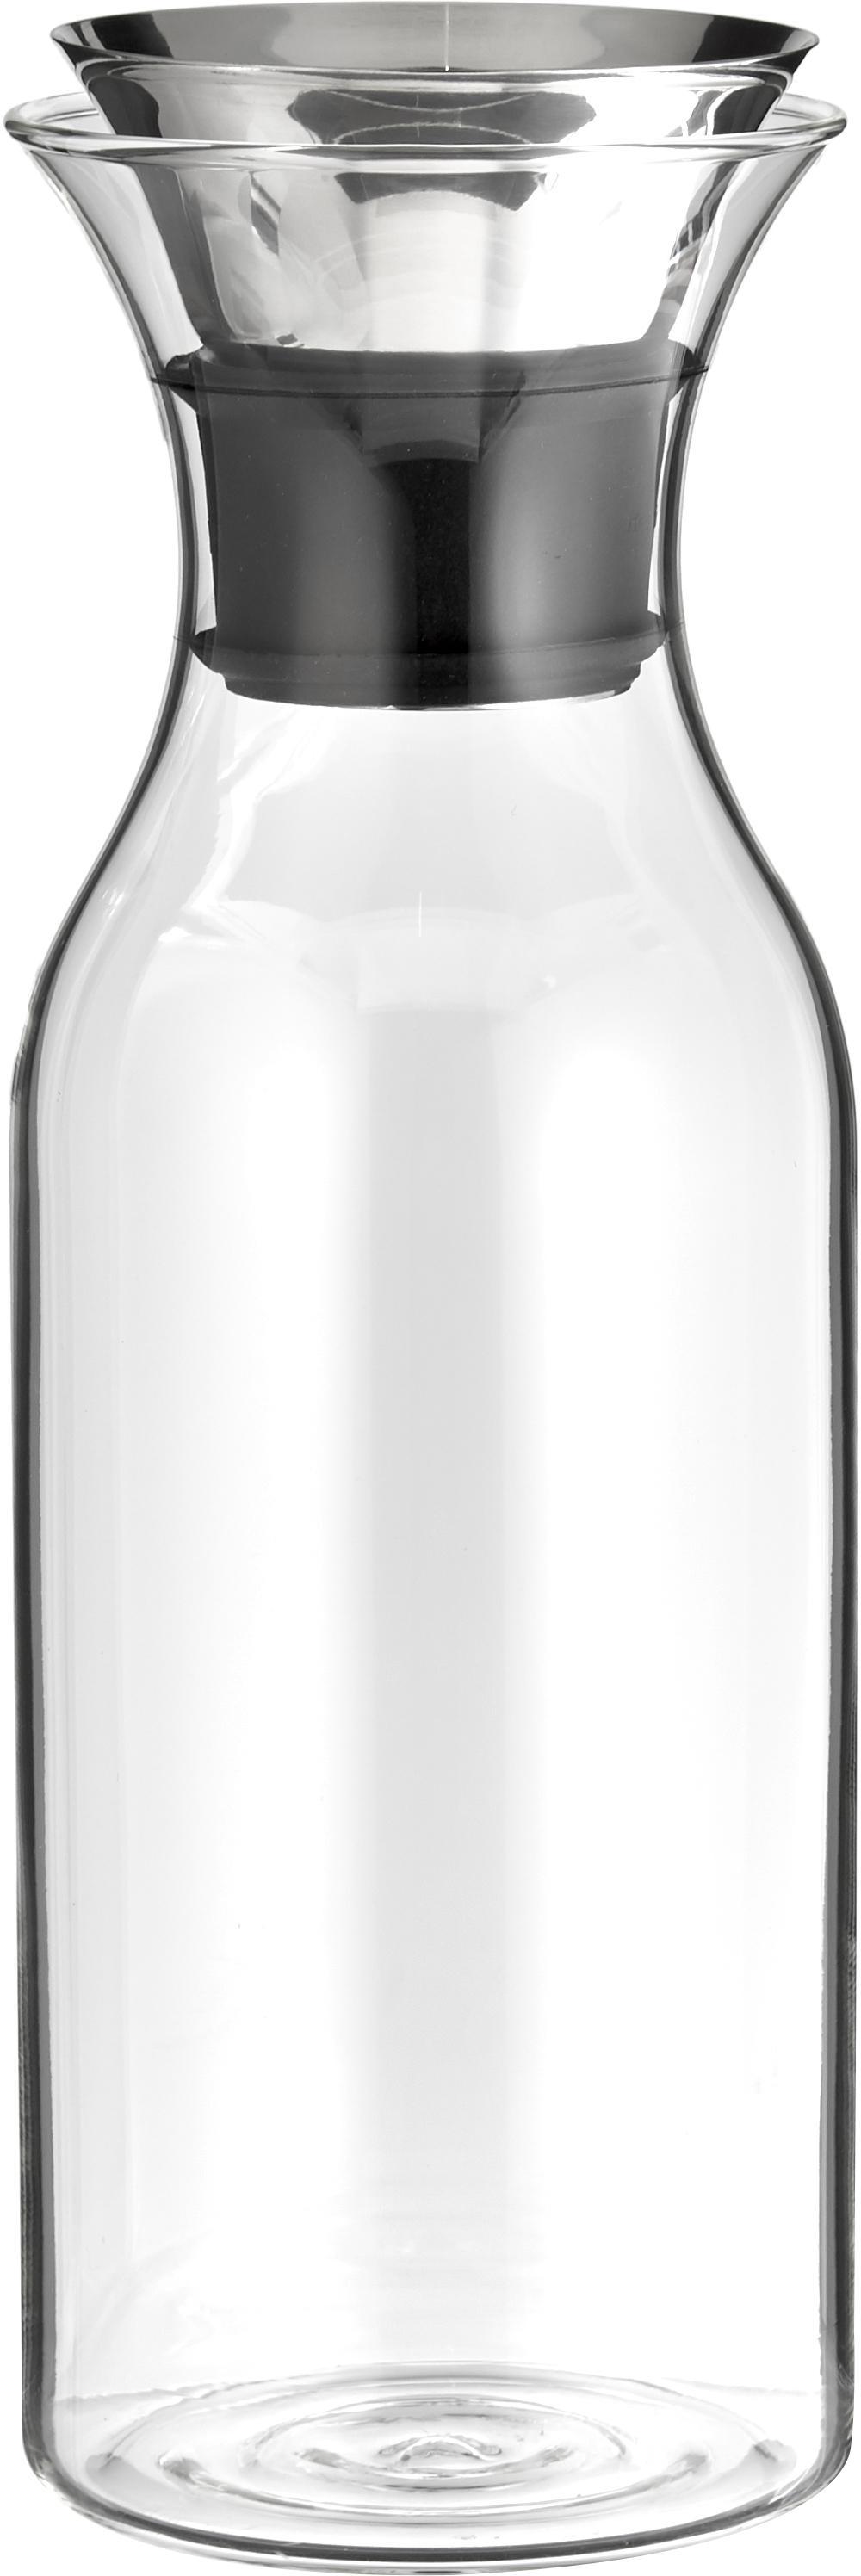 Karaf Eva Solo, Deksel: edelstaal, siliconen, Transparant, edelstaalkleurig, 1 l